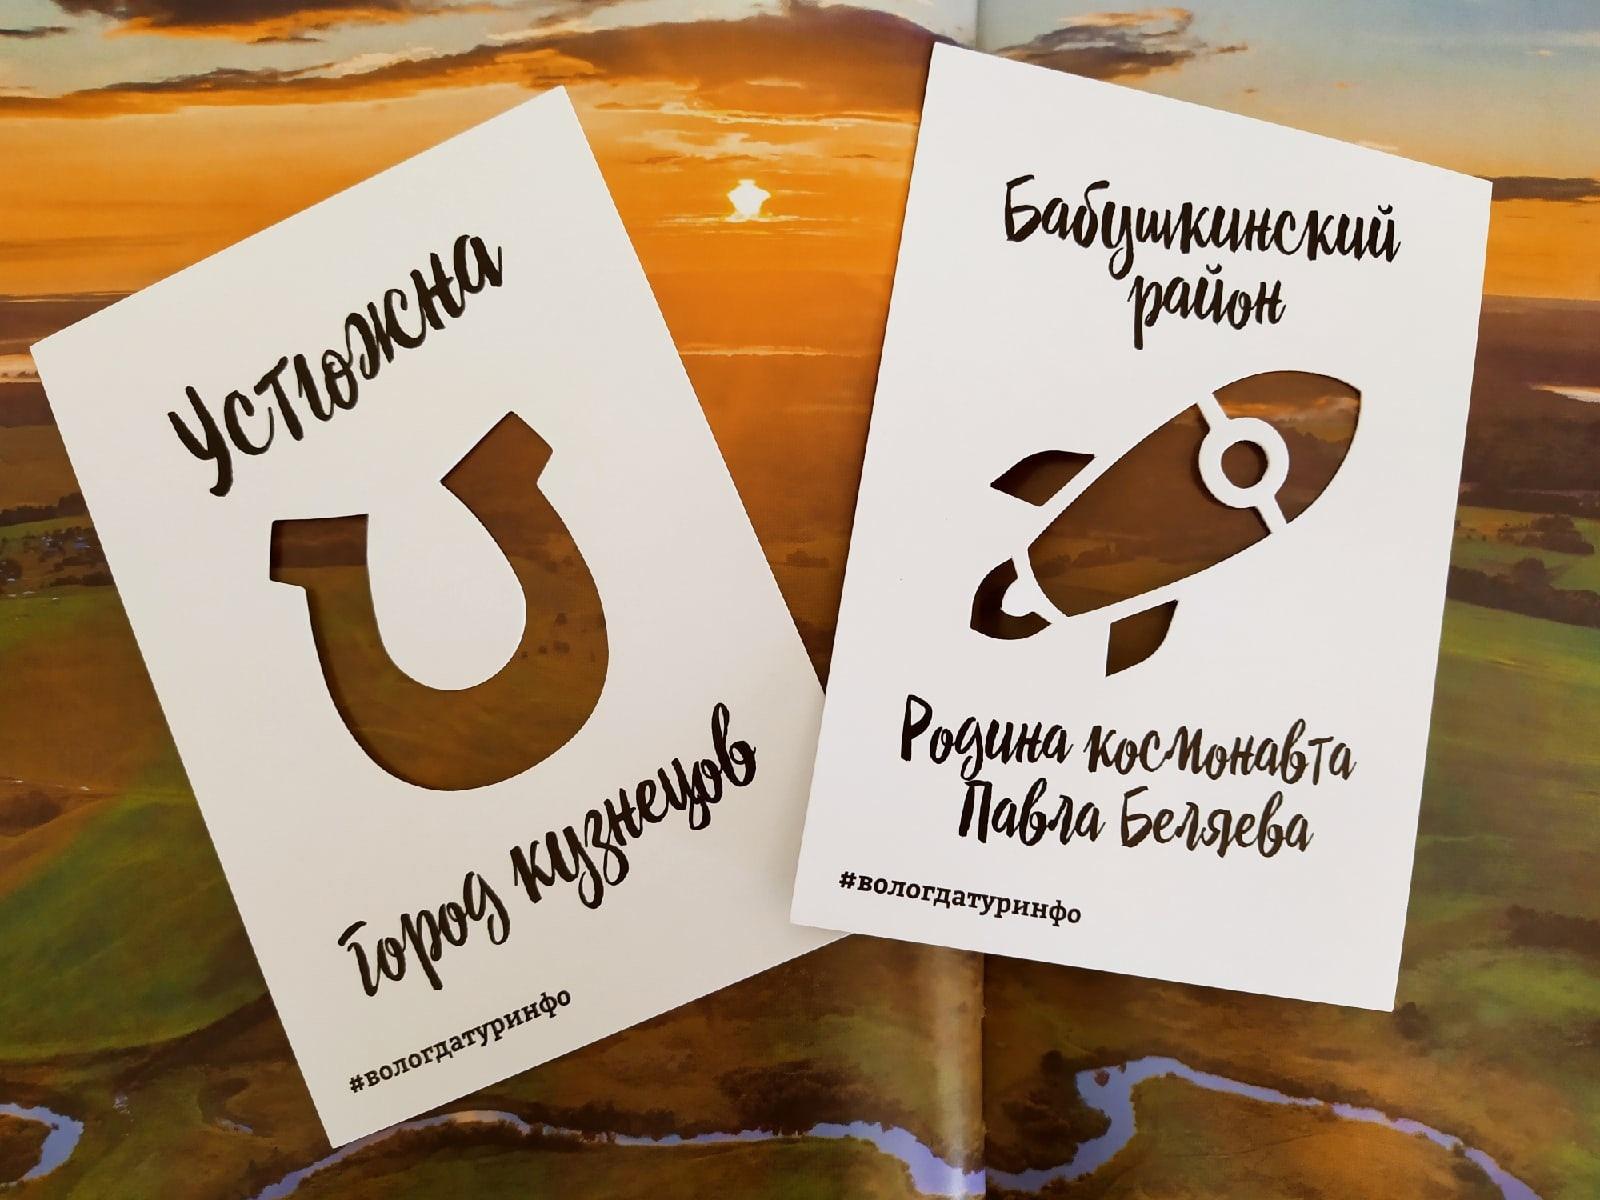 Устюжна — город кузнецов